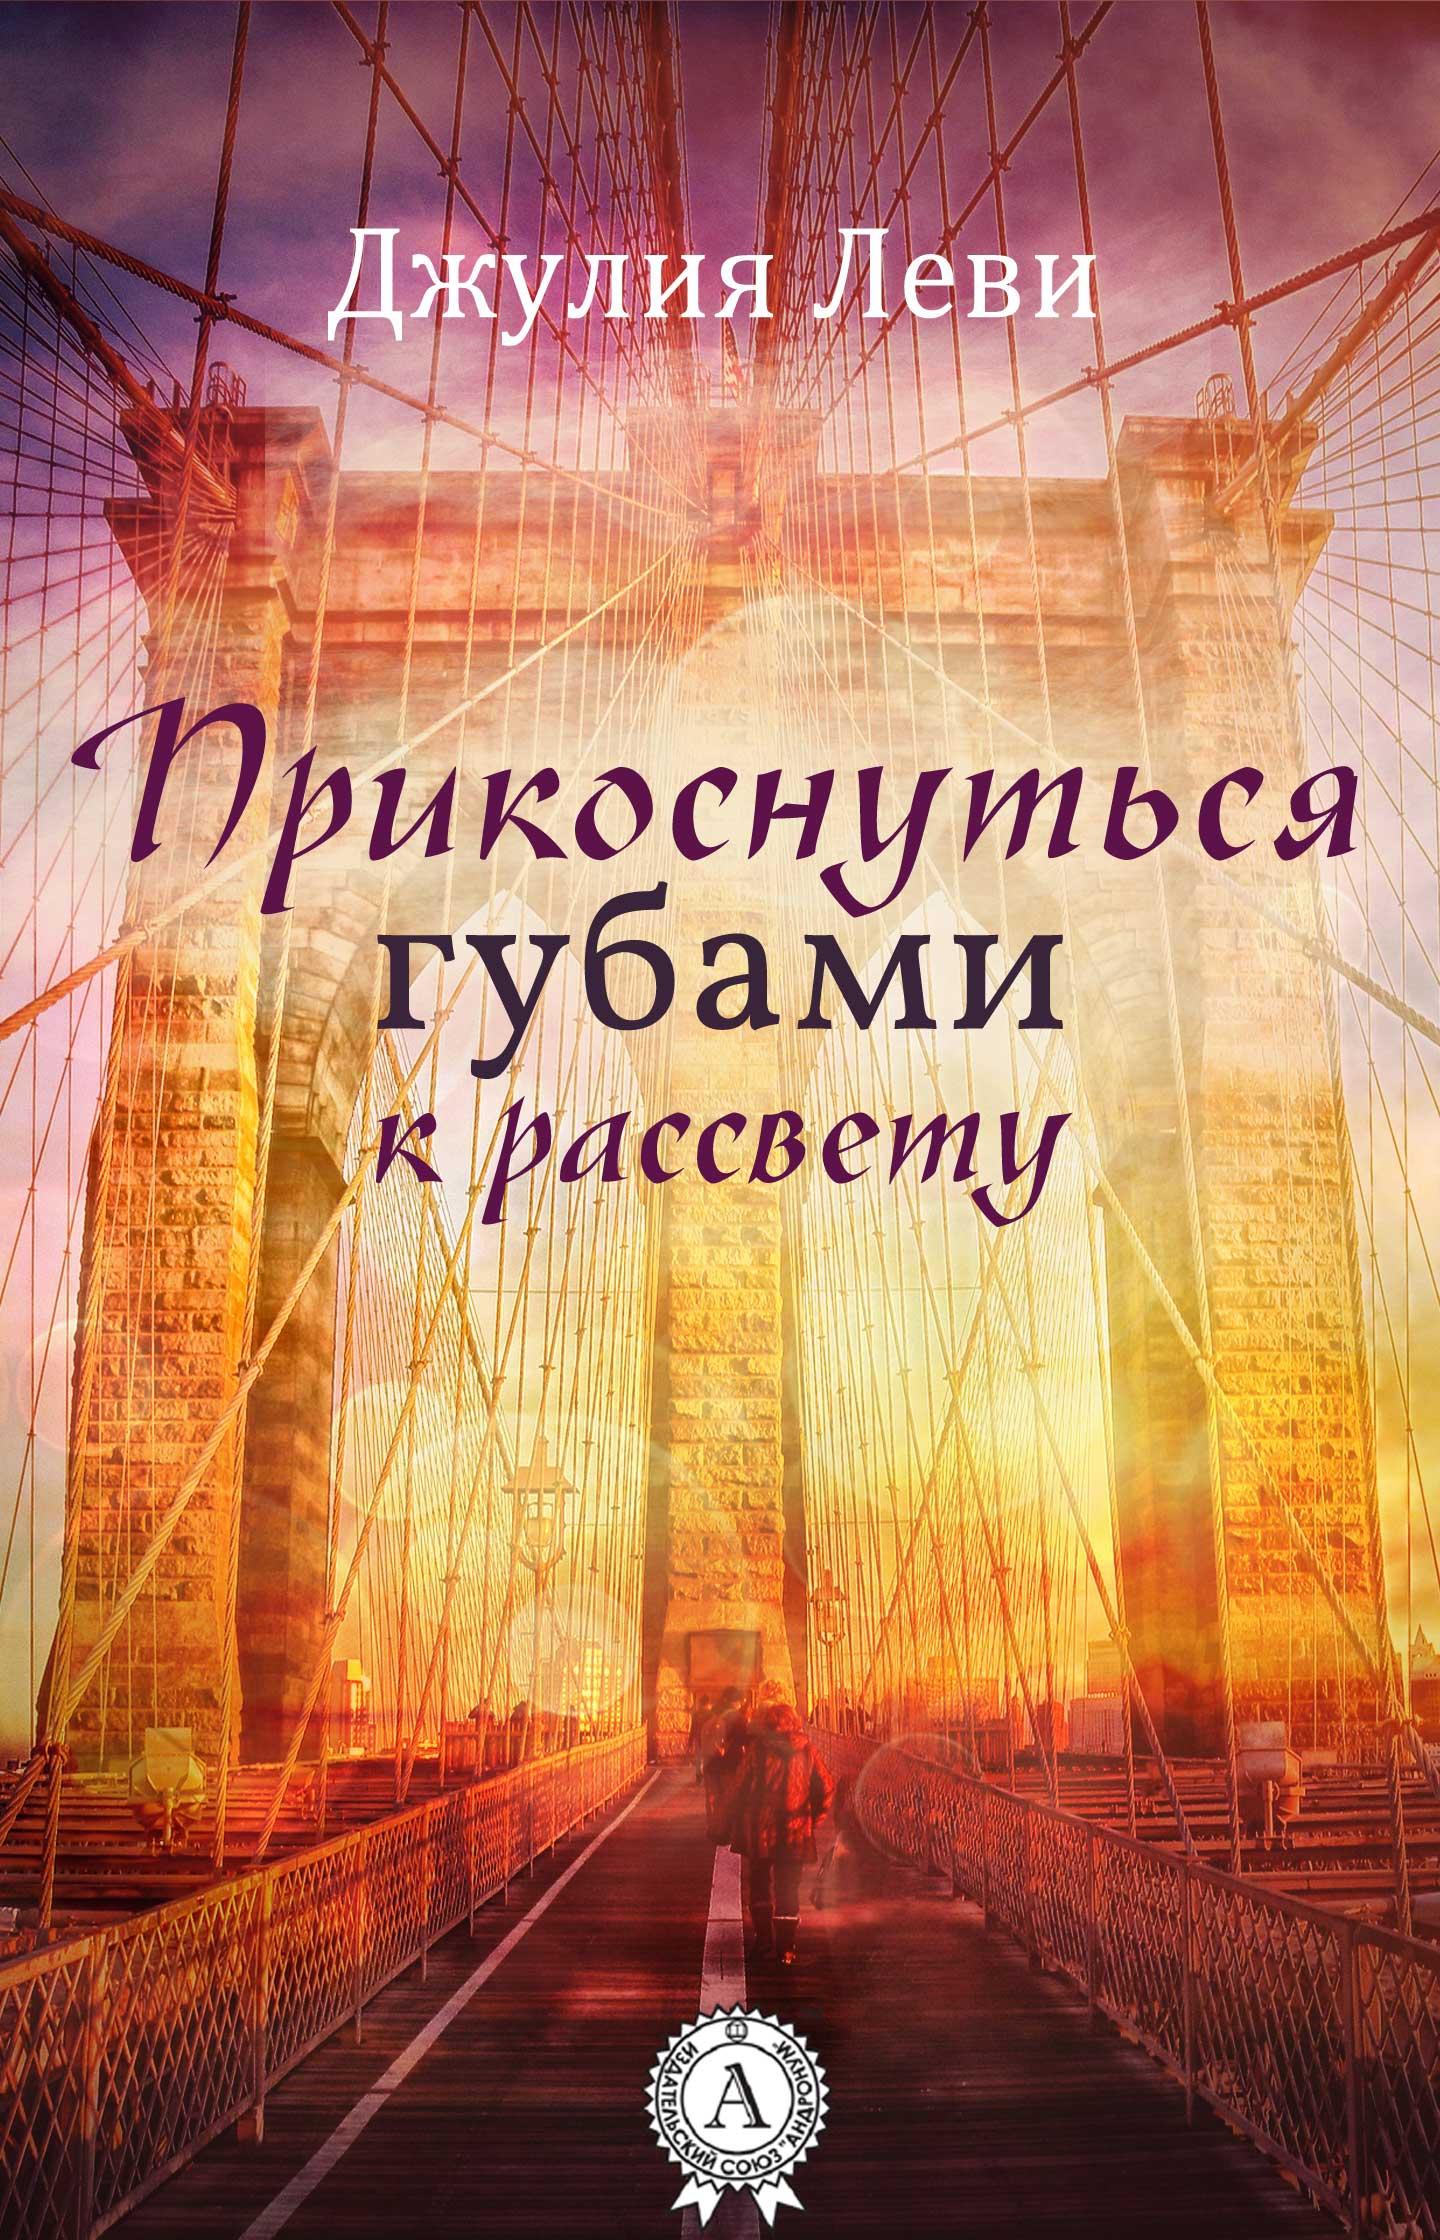 Джулия Леви «Прикоснуться губами к рассвету»